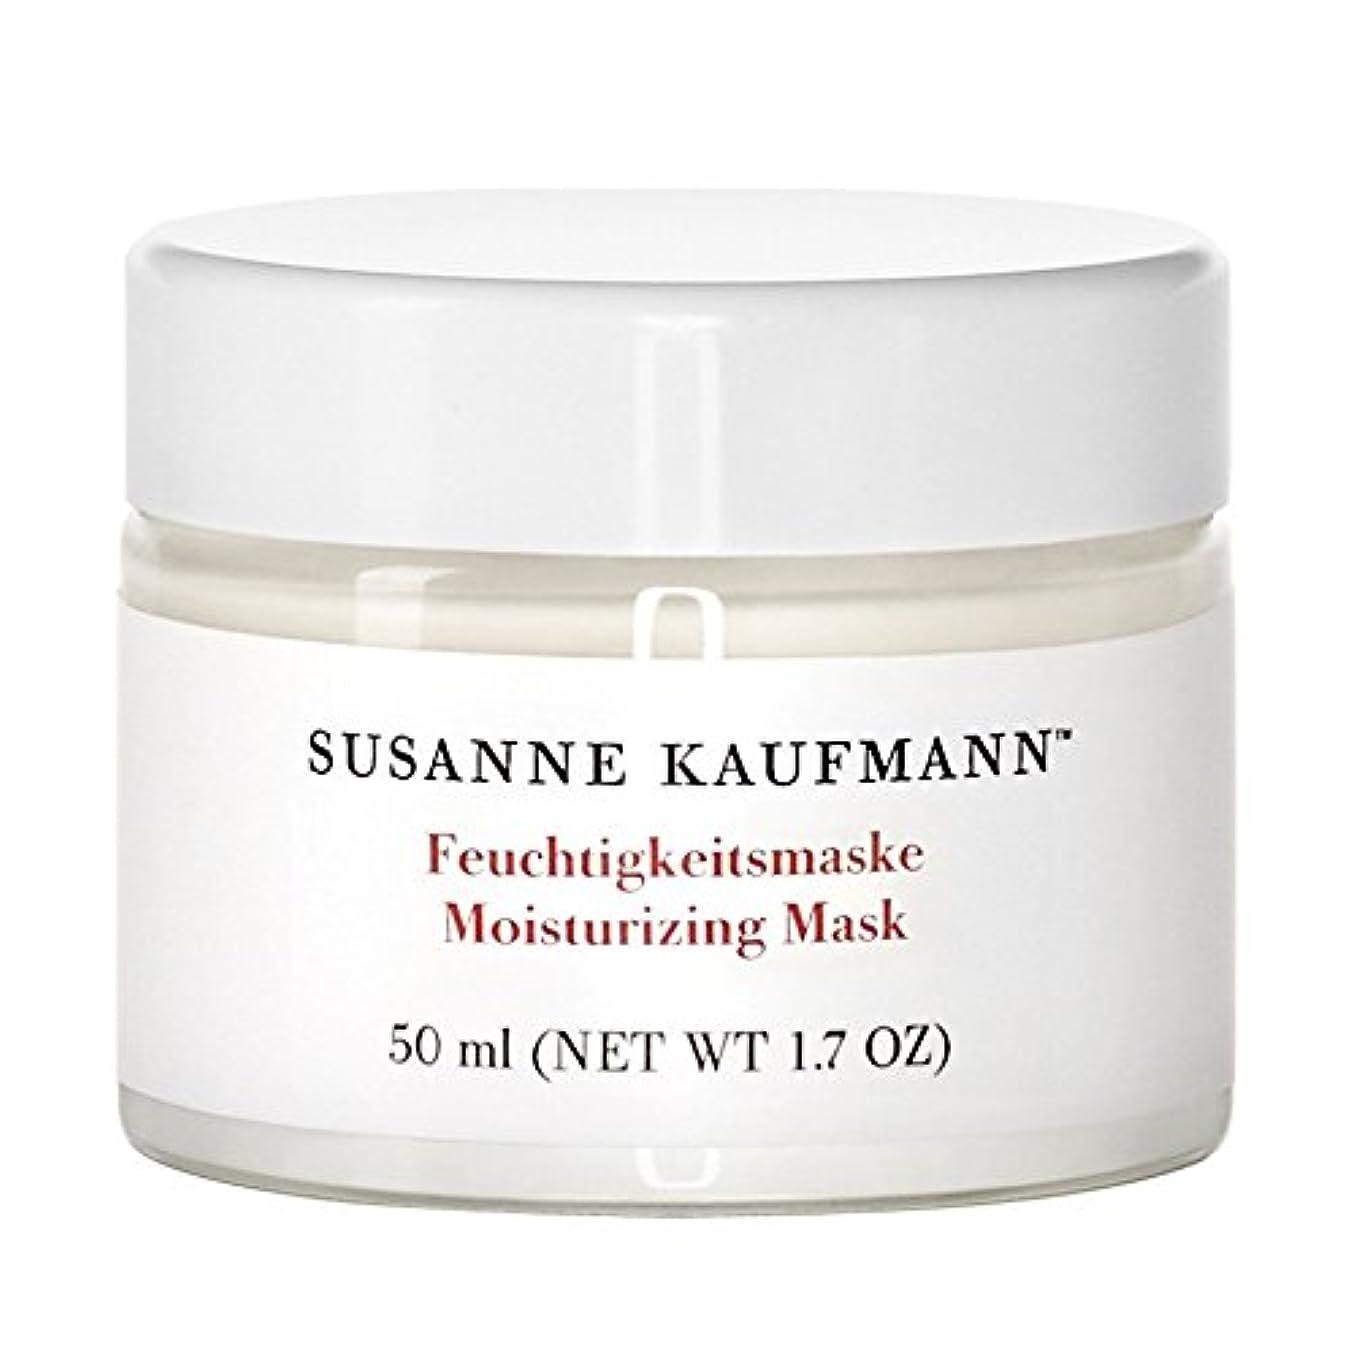 海嶺フィットネス回想スザンヌカウフマン保湿マスク50ミリリットル x4 - Susanne Kaufmann Moisturising Mask 50ml (Pack of 4) [並行輸入品]